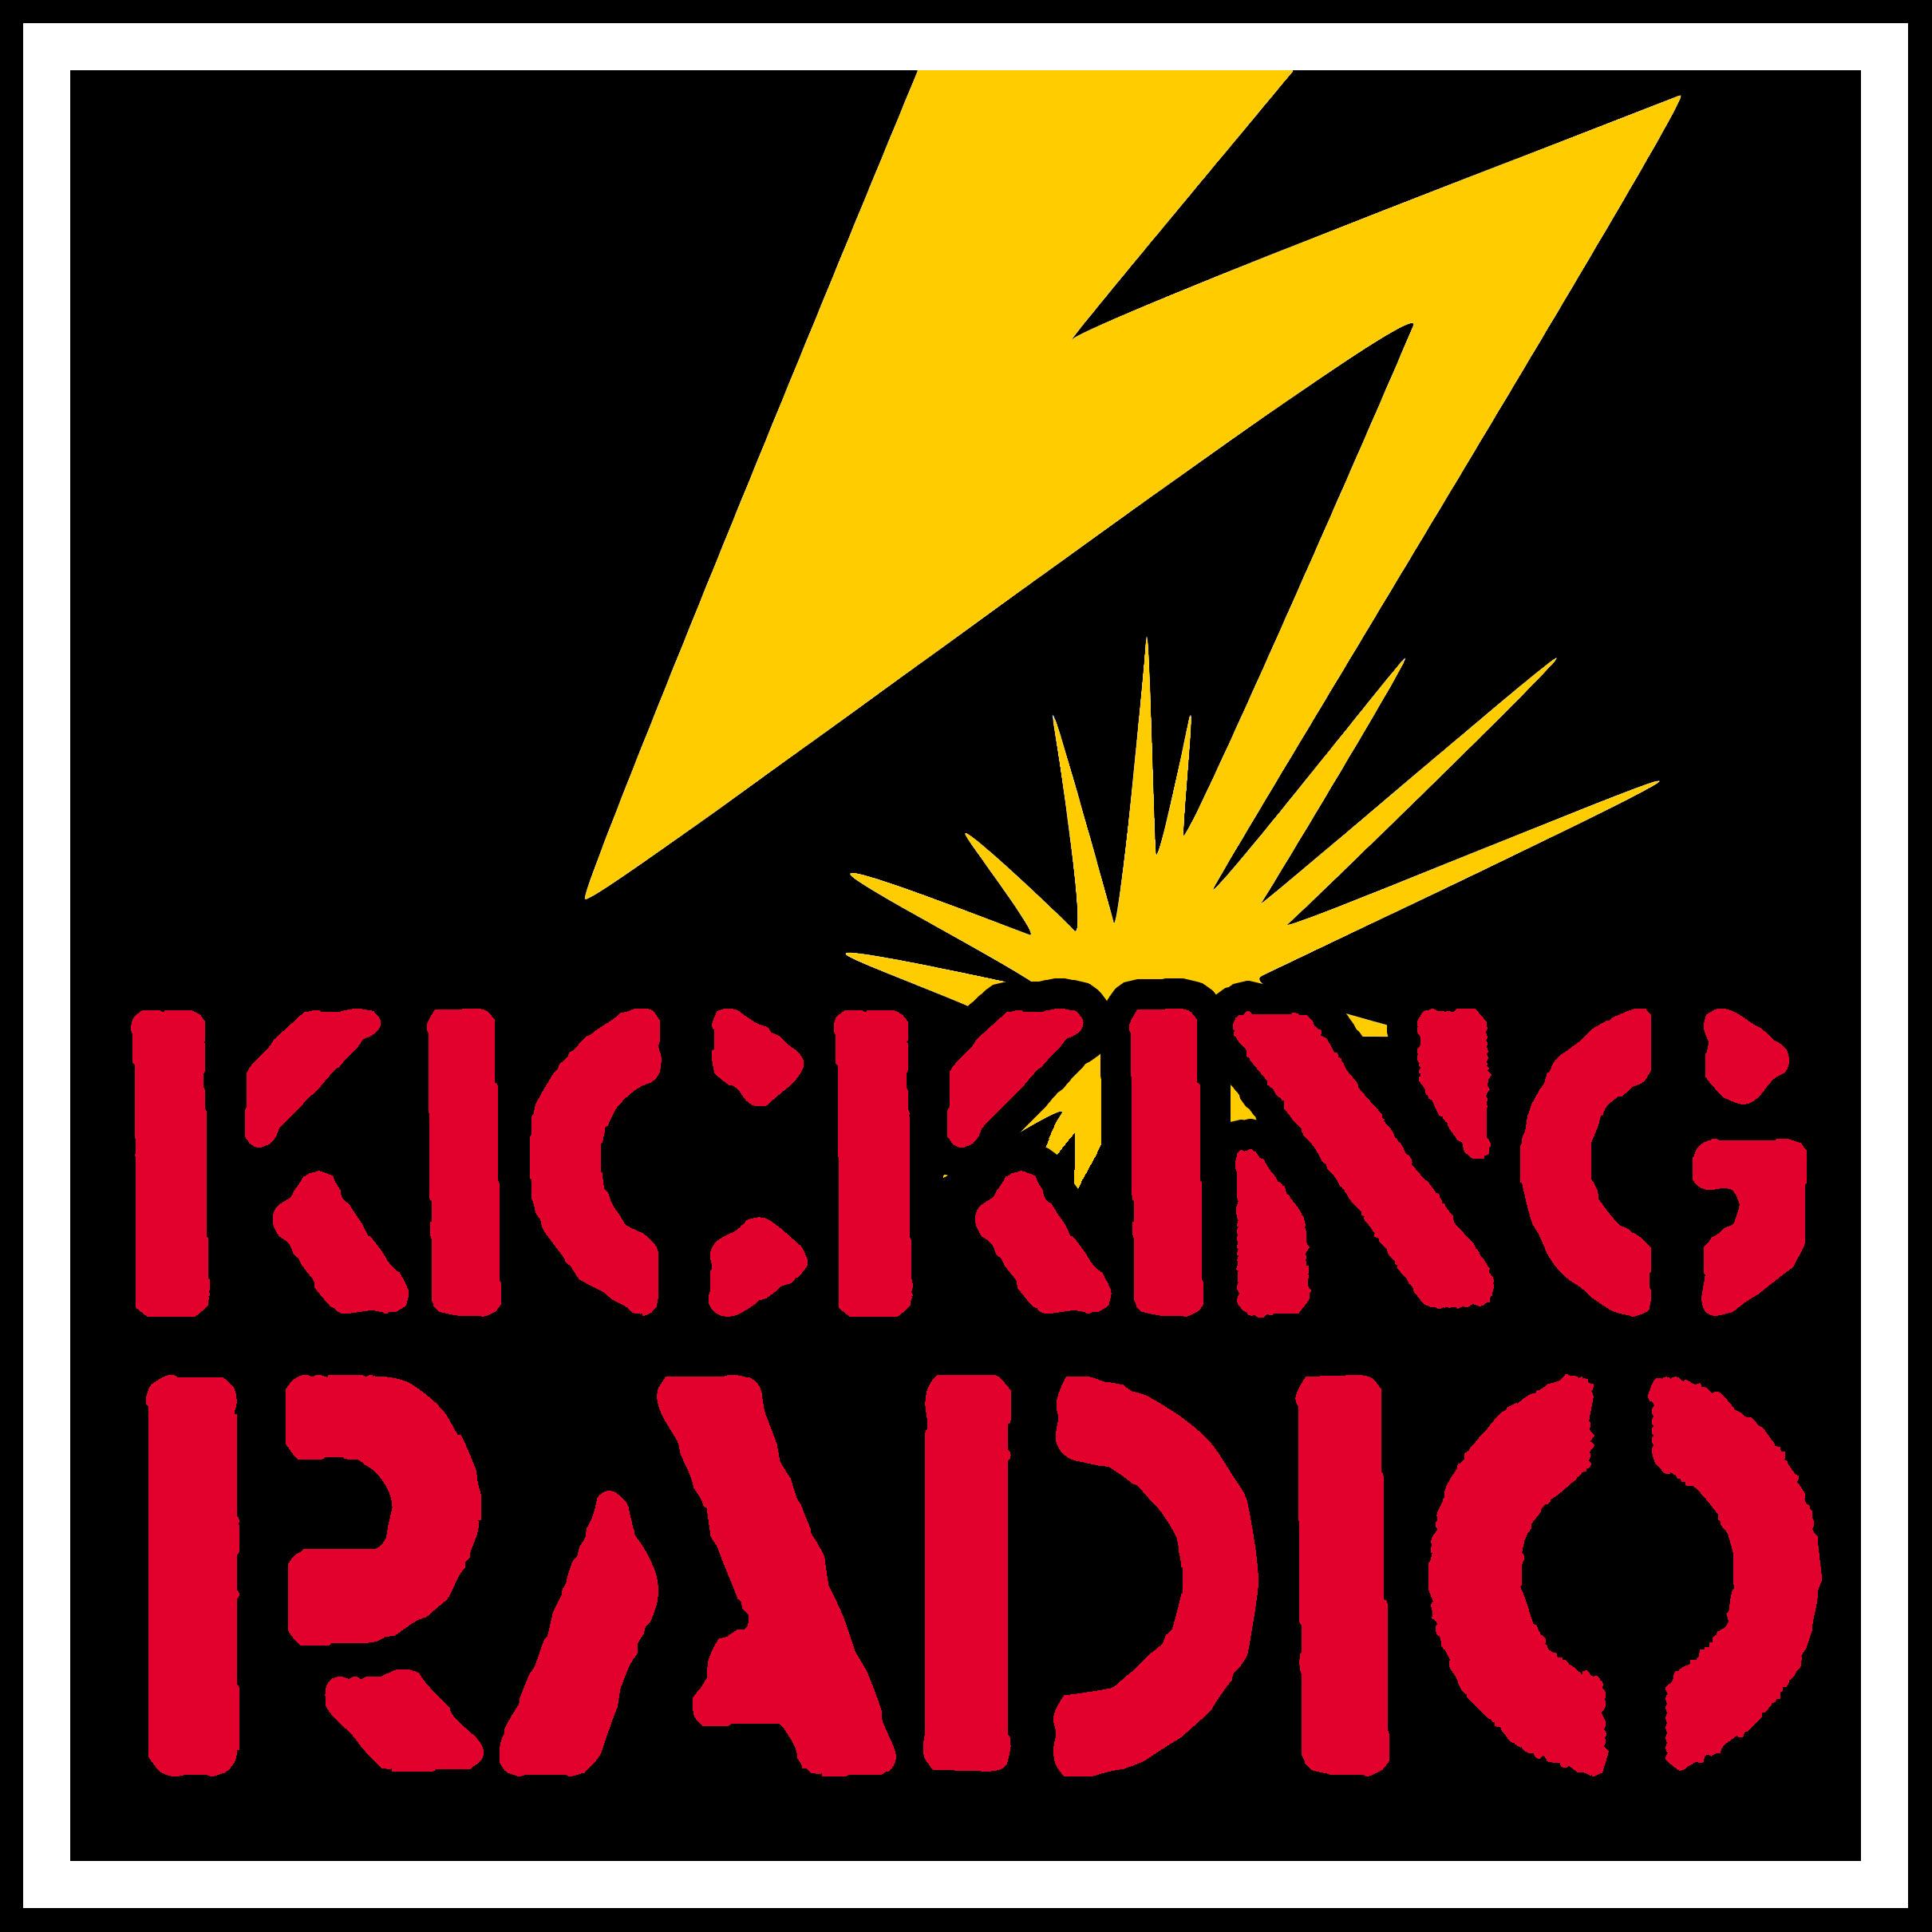 KICKING RADIO : Not onlyentertainment.